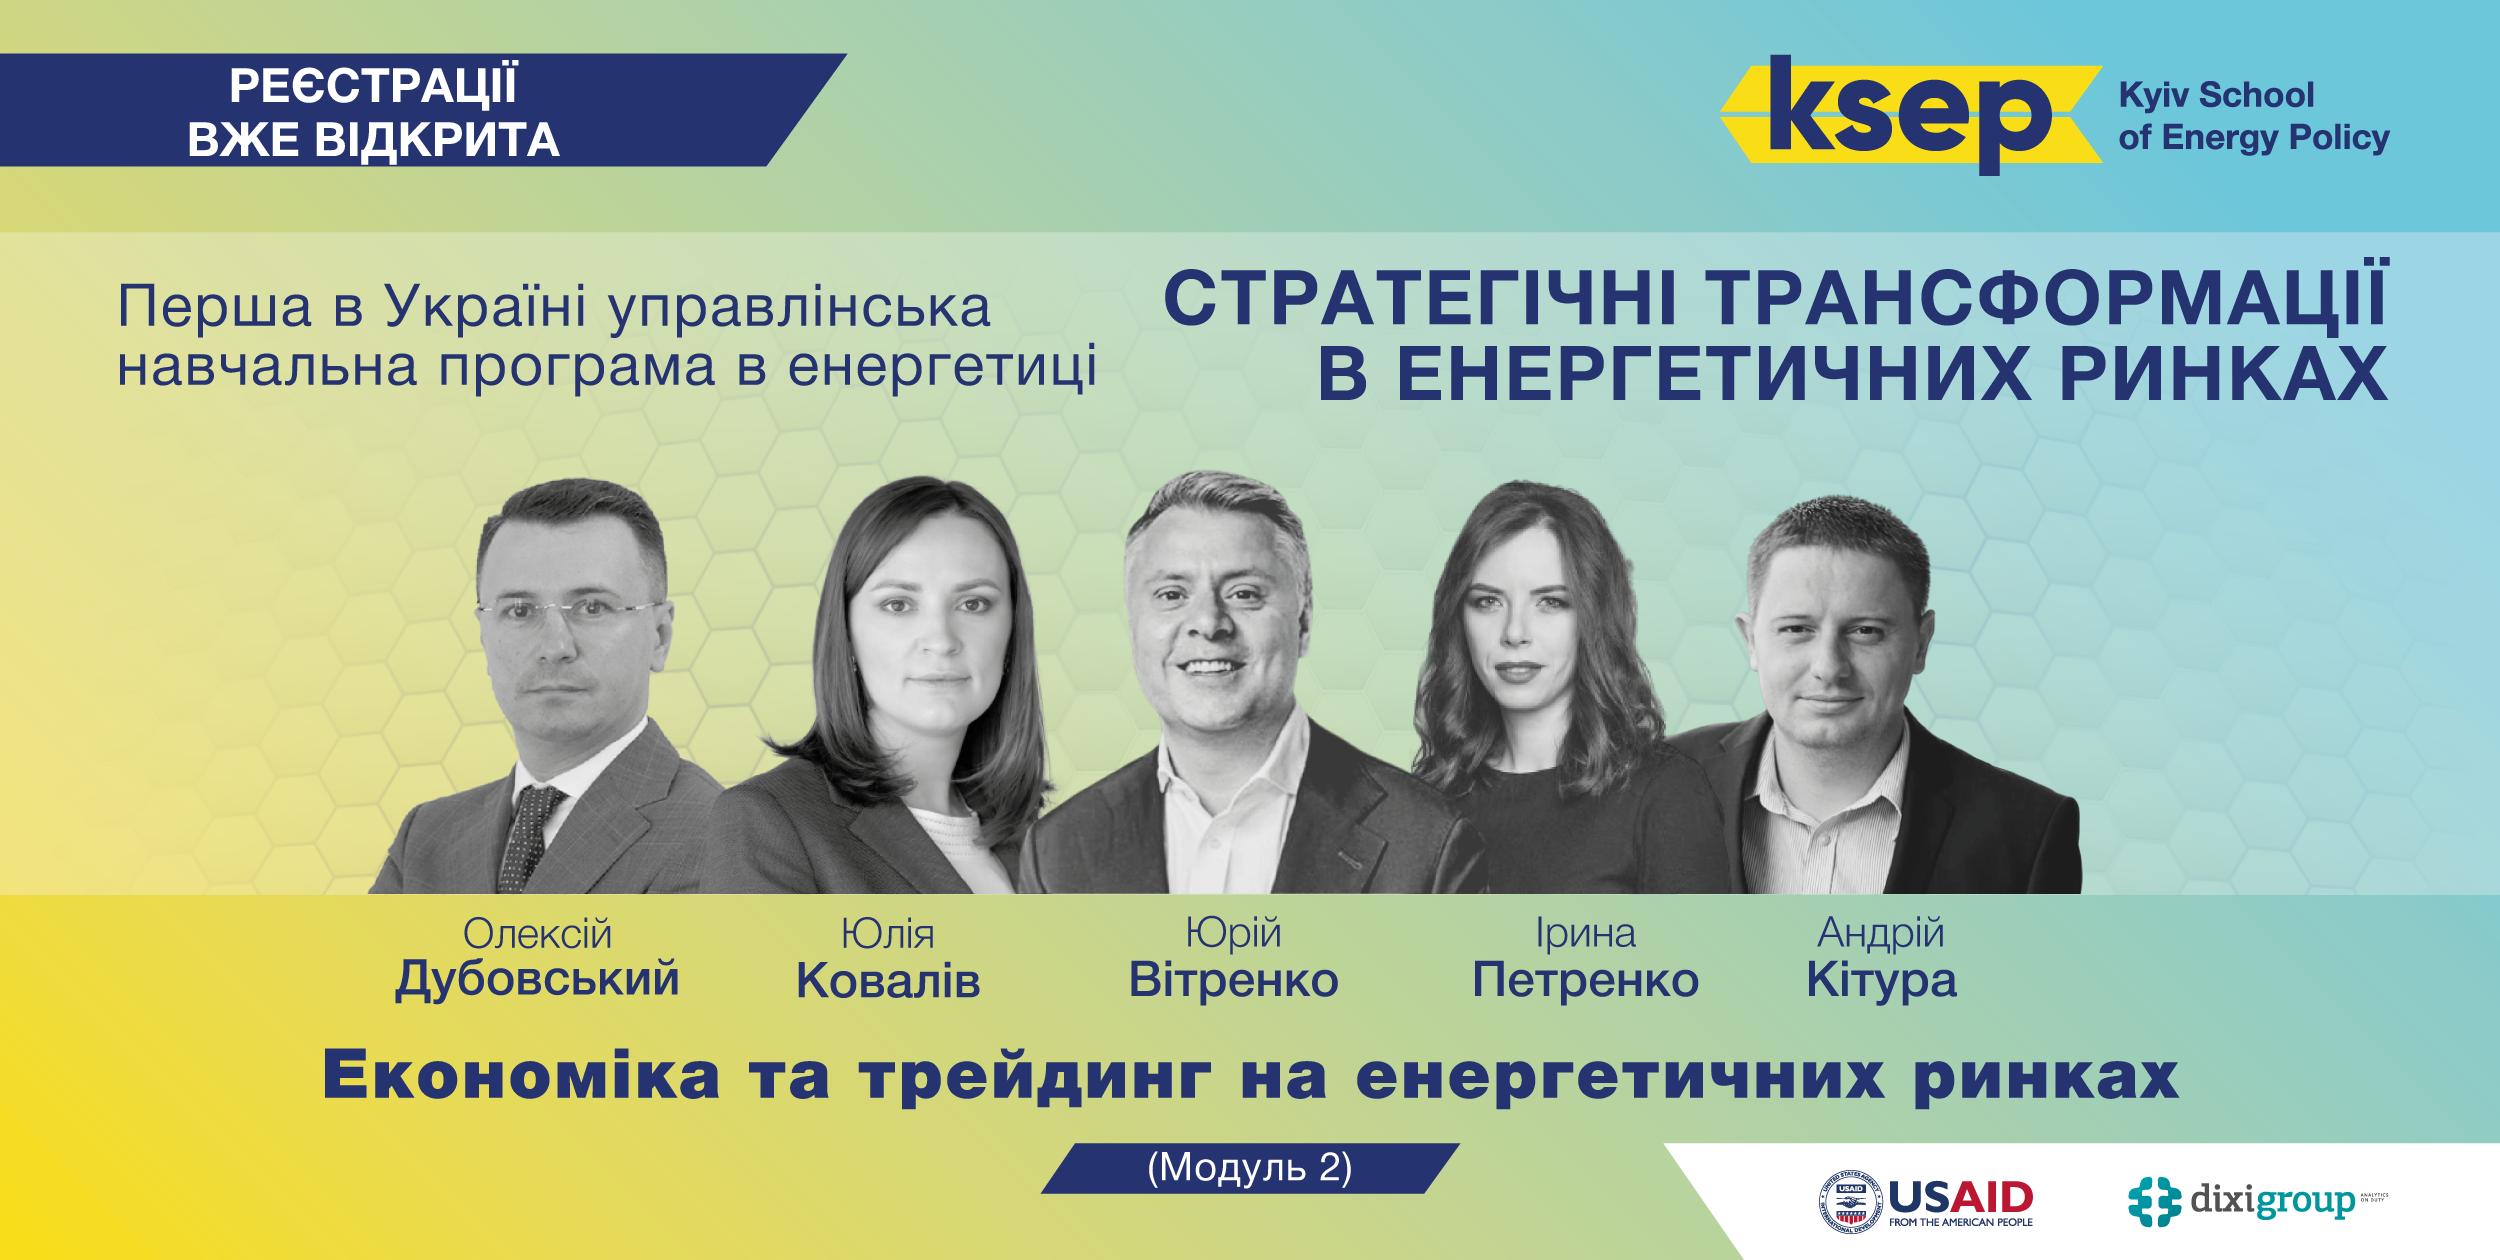 KSEP успішно запустила управлінську програму про трансформації на енергоринках